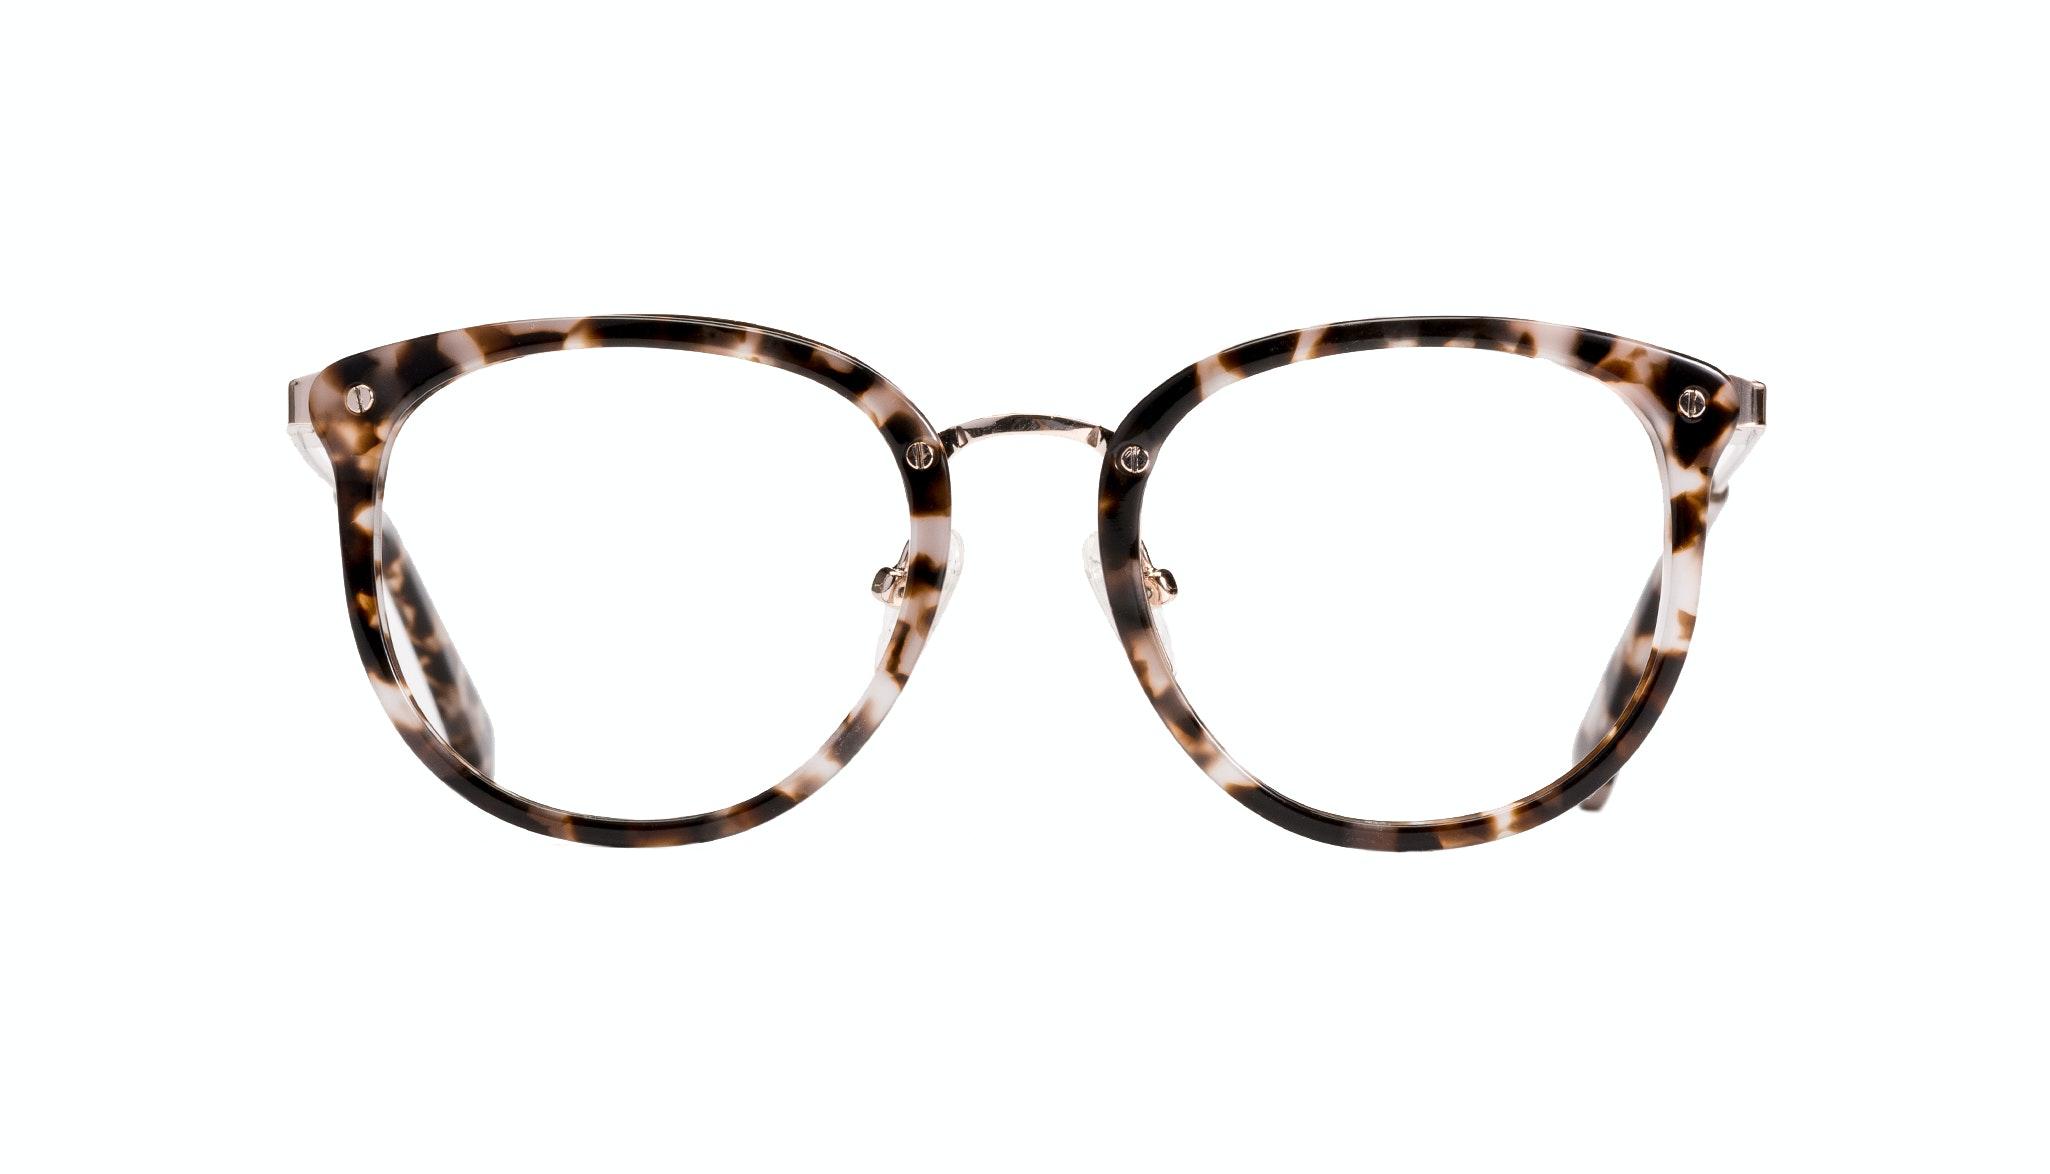 Affordable Fashion Glasses Round Eyeglasses Women Amaze Petite Mocha Tort